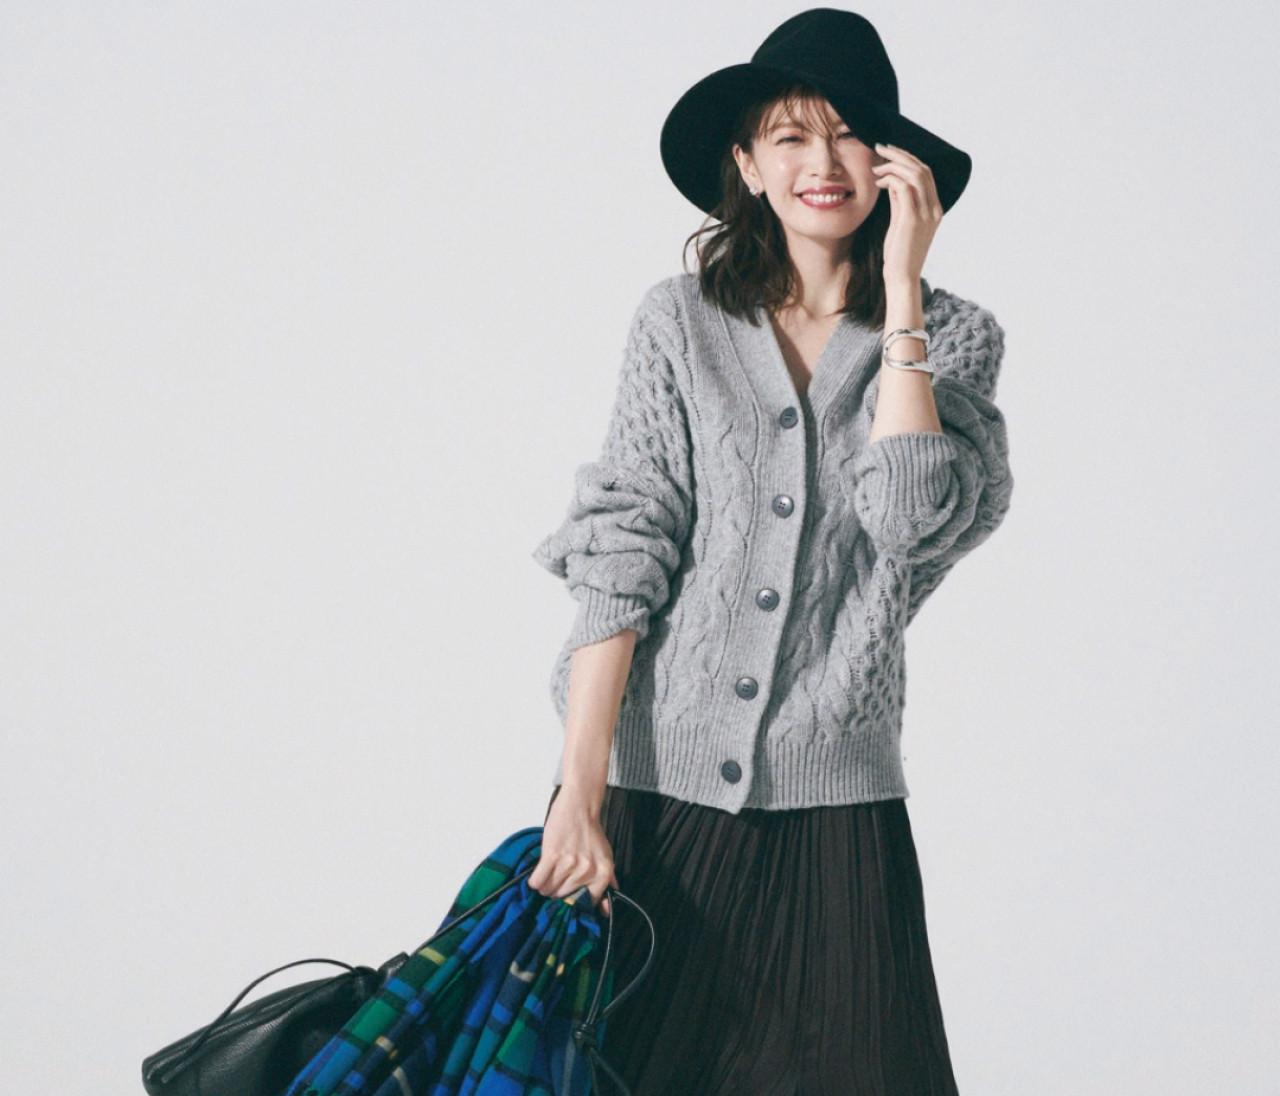 木曜日は、旬スカートで魅せる大人なマニッシュスタイル!【30代今日のコーデ】